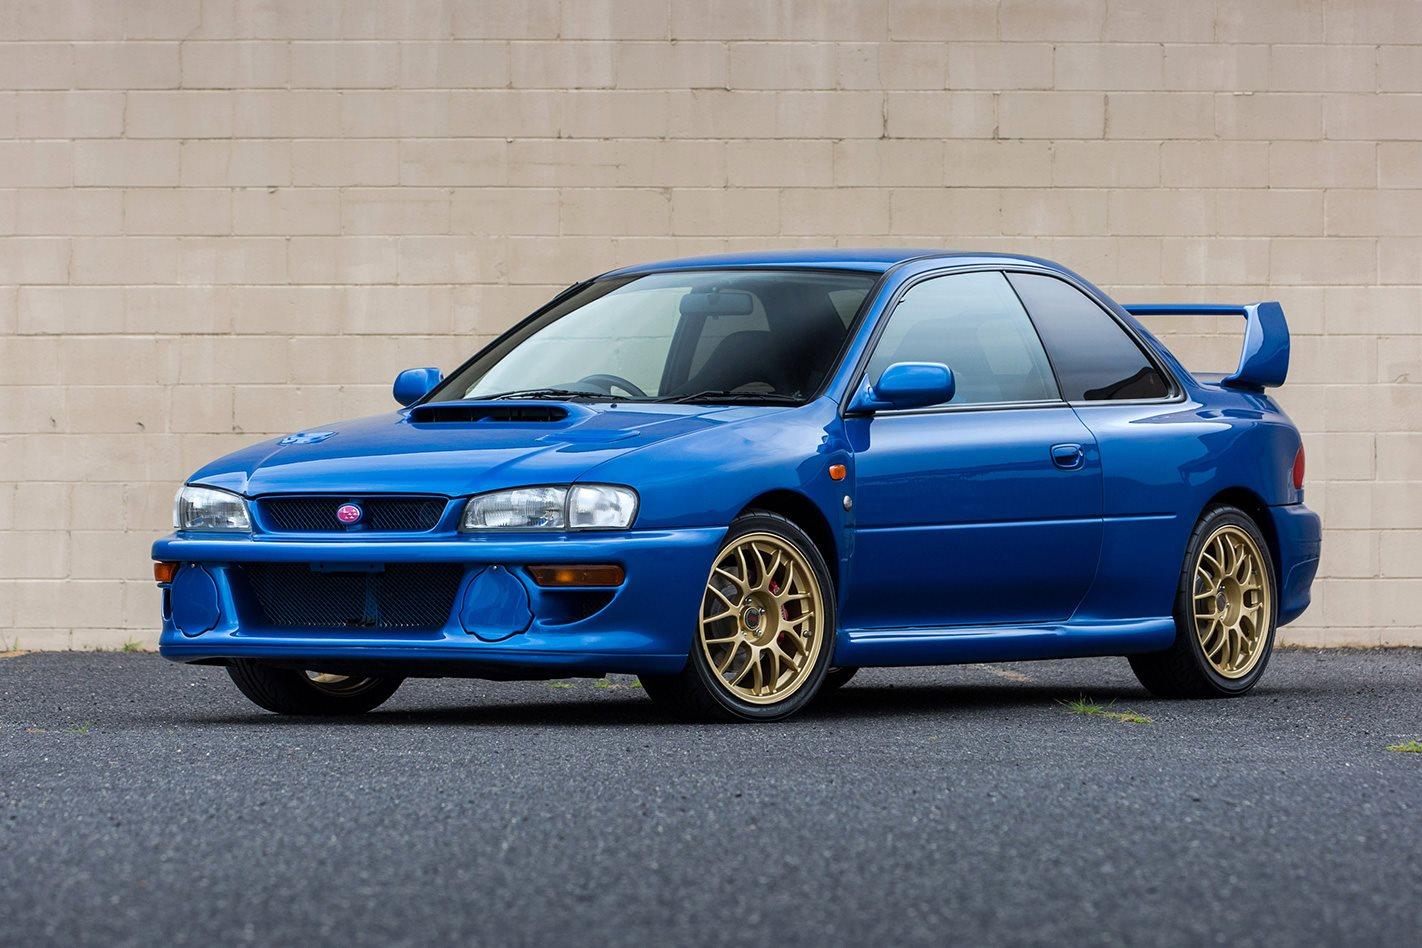 Retro 1998 Subaru Impreza Wrx Sti 22b Blue With White Rims